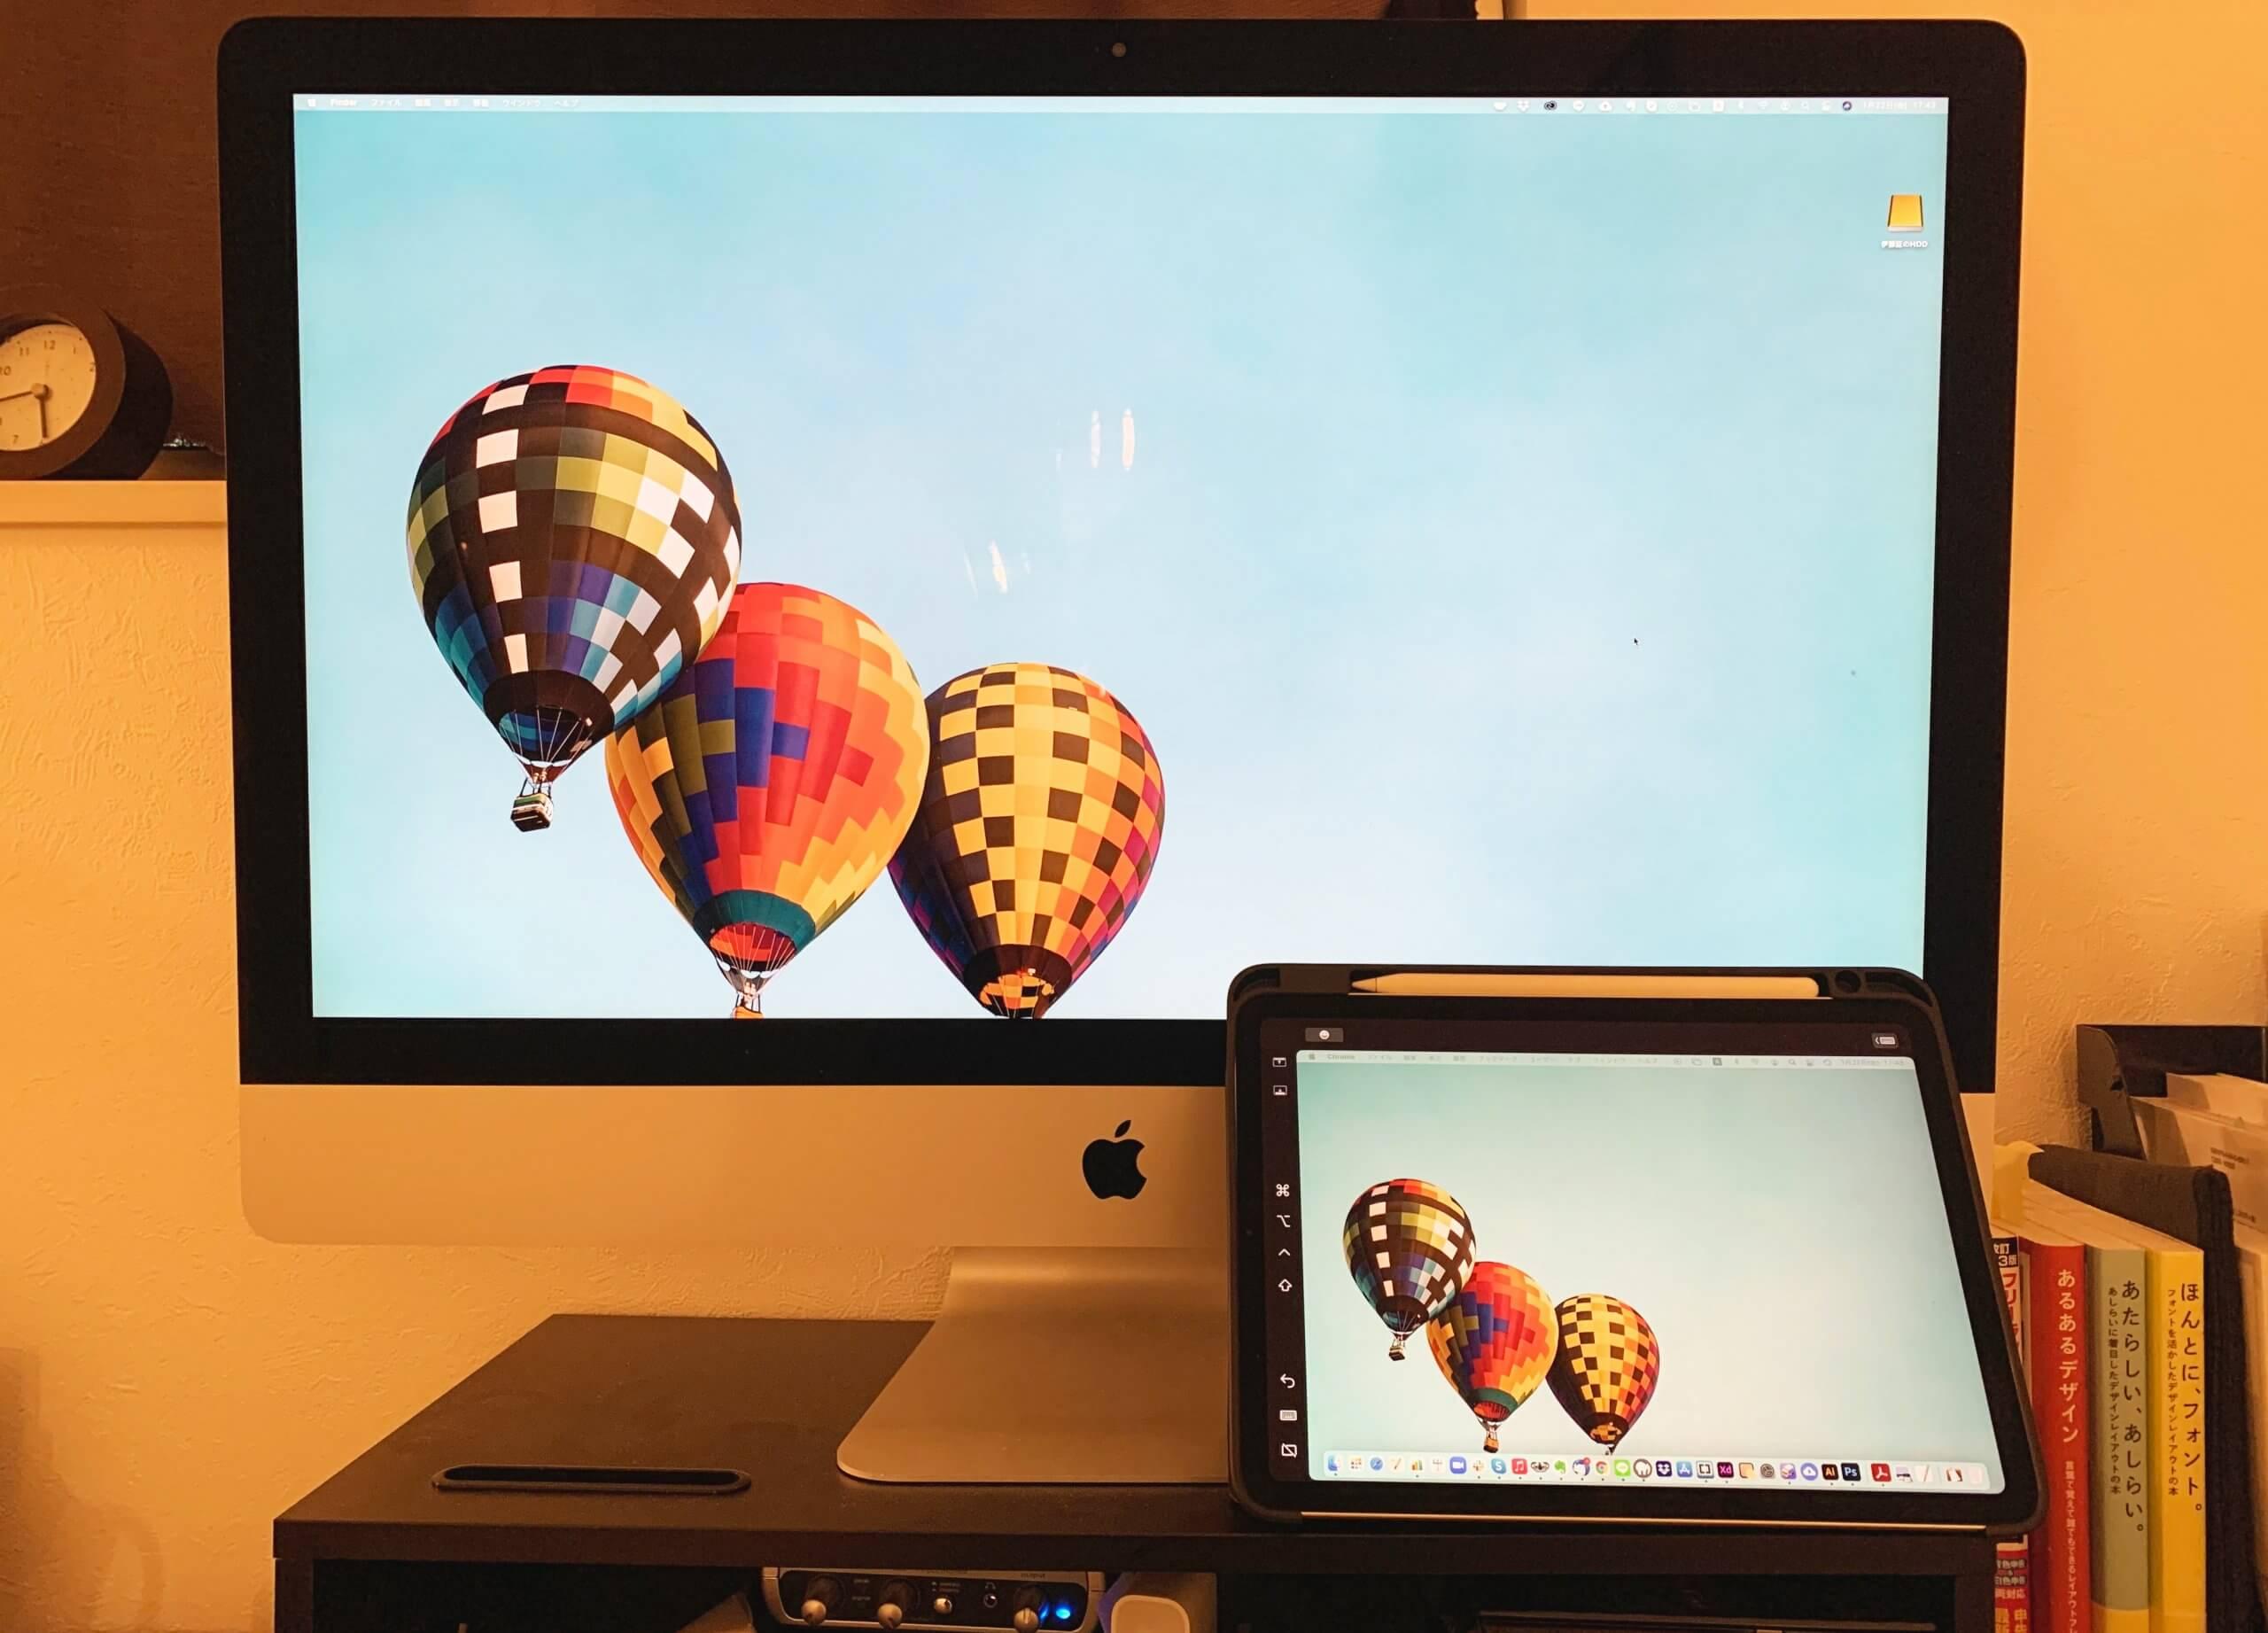 iPadを仕事に使いたい人必見!最新のiPadがMacと相性良すぎて仕事が快適になった話